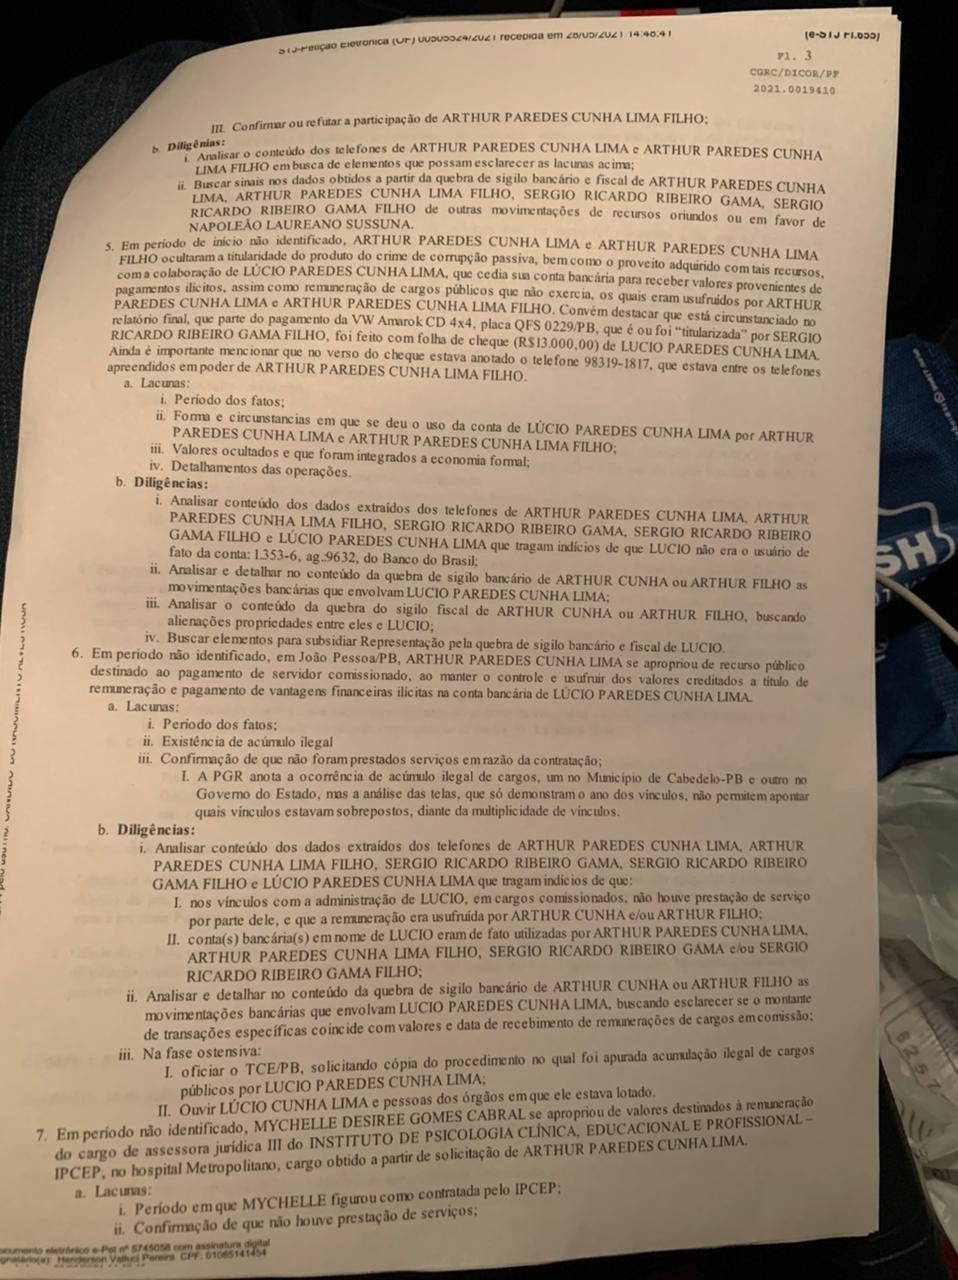 portaria4 - OPERAÇÃO CALVÁRIO: Romero Rodrigues será investigado por doação de terrenos da Prefeitura de Campina Grande